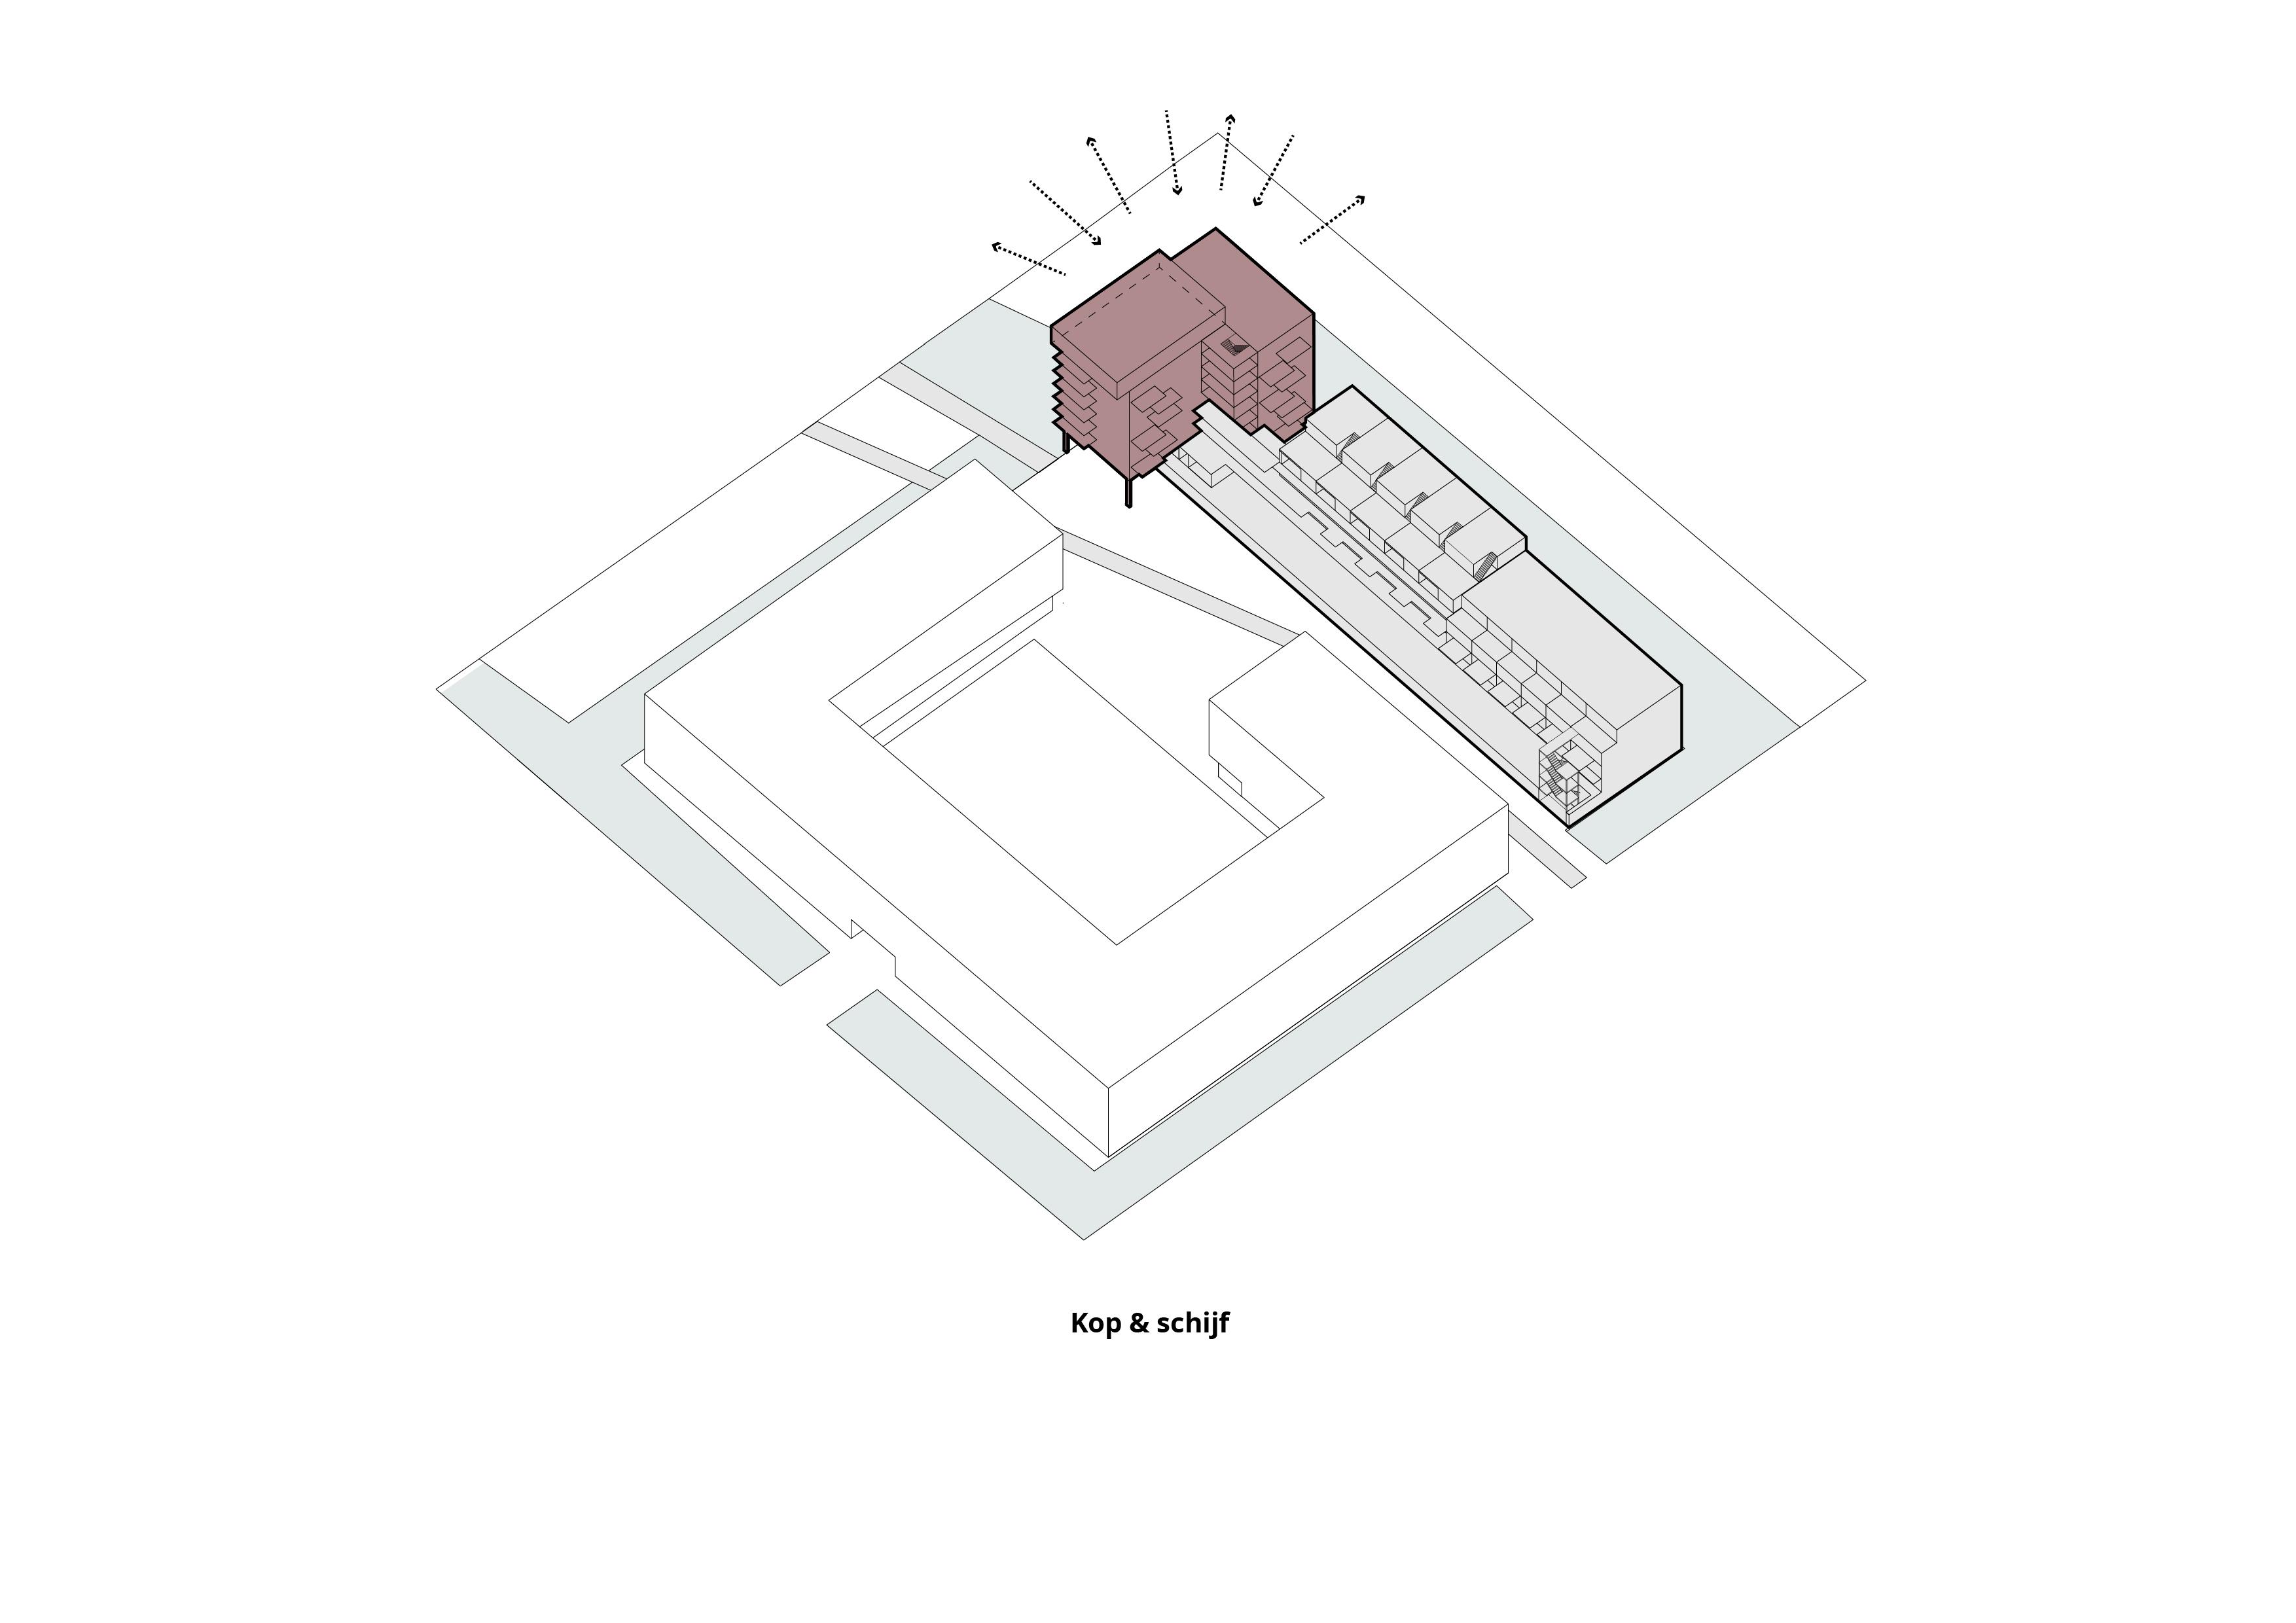 The Family Spoorzone Delft – Kop en schijf